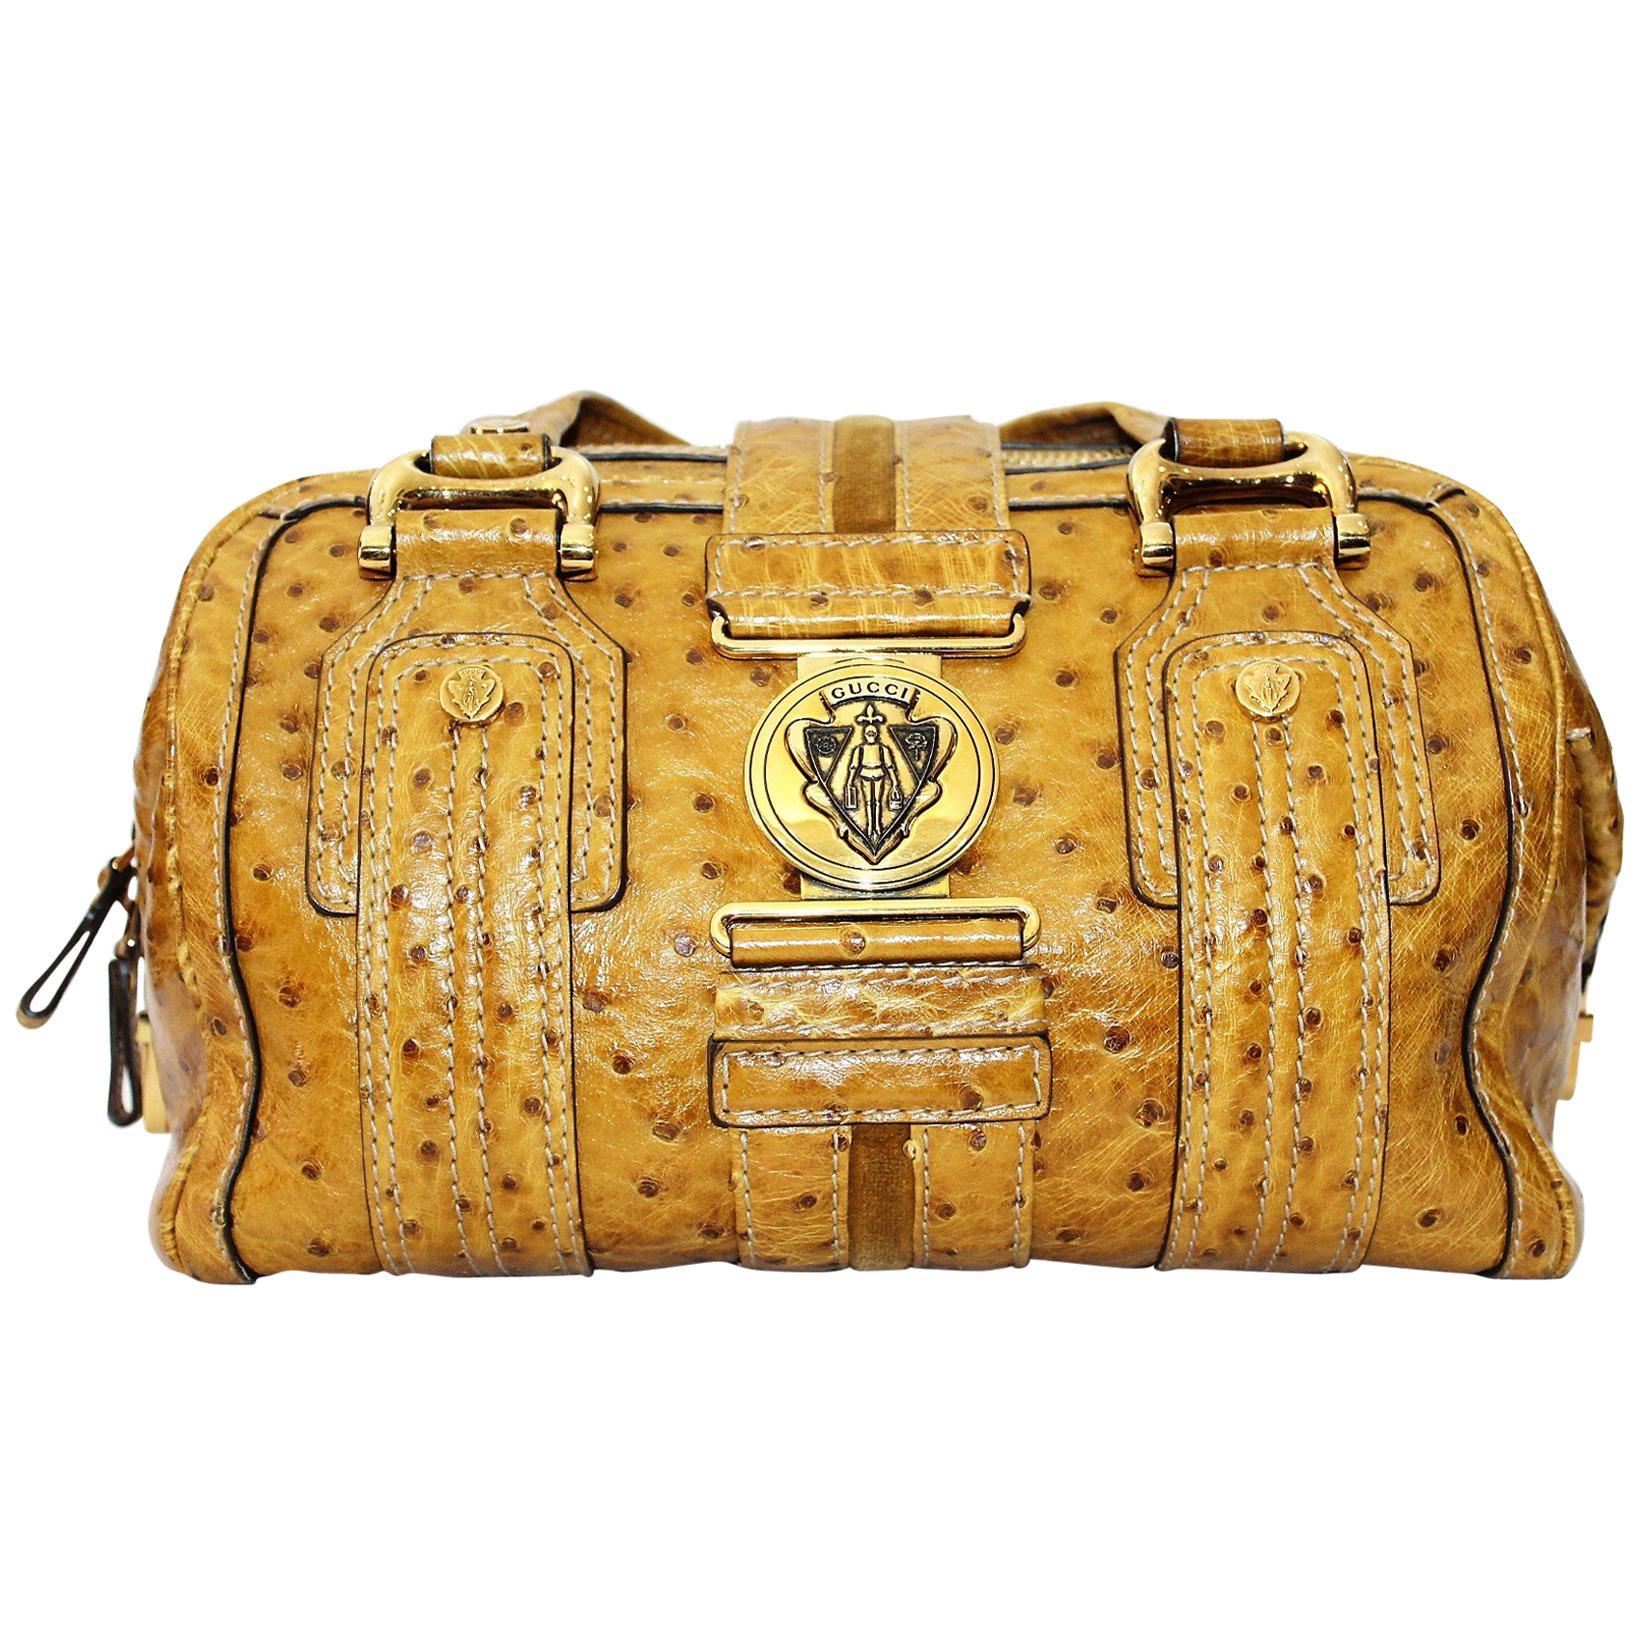 Gucci Aviatrix Boston Ostrich Leather Bag